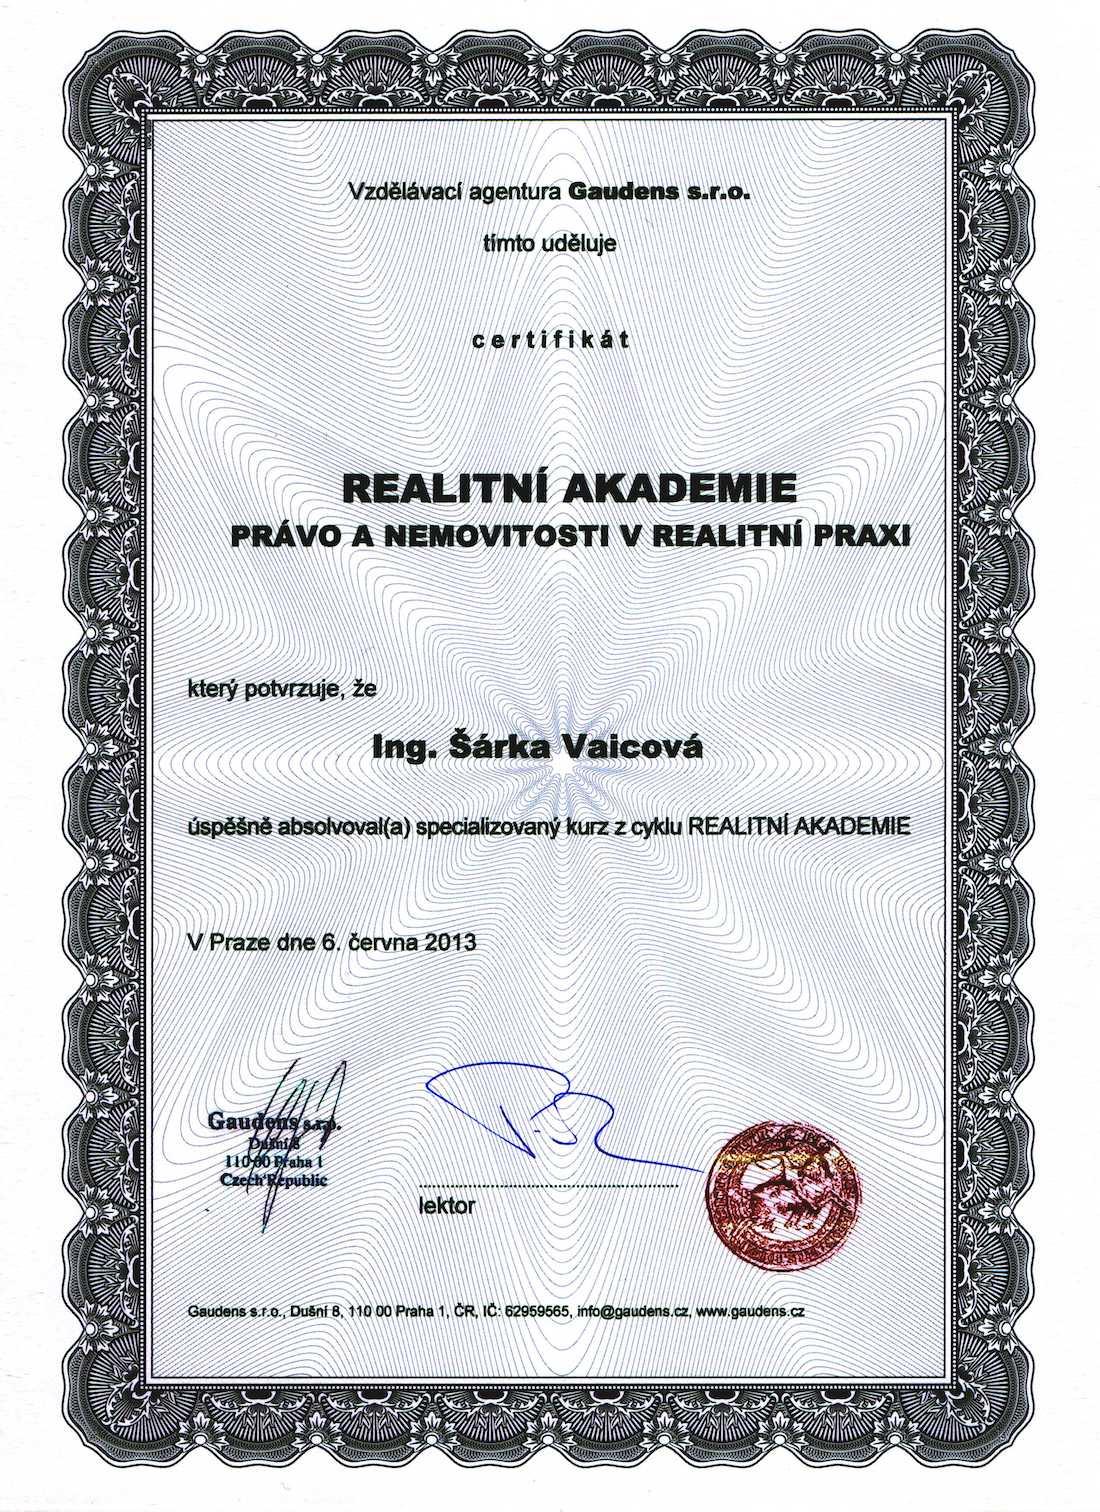 CertifikatI.jpg